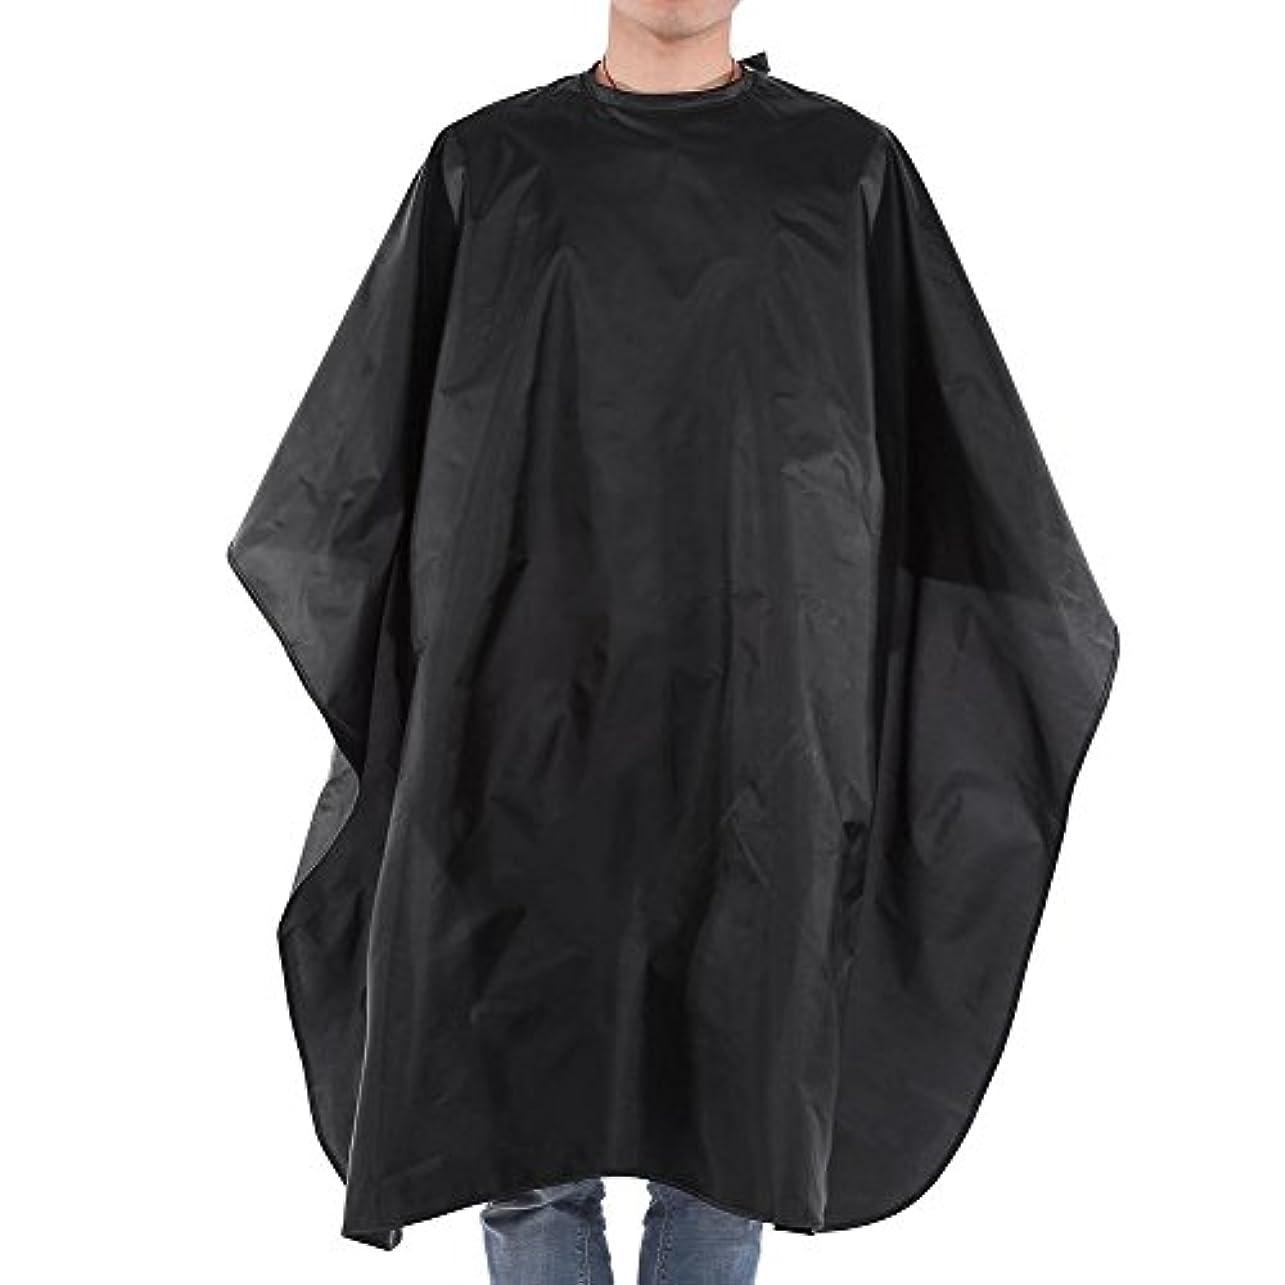 プロトタイプ廃止バケット理容室スタイリングケープ、ブラックサロンヘアカット理髪理髪店ケープガウン大人の布防水スナップクロージャー59×47インチ